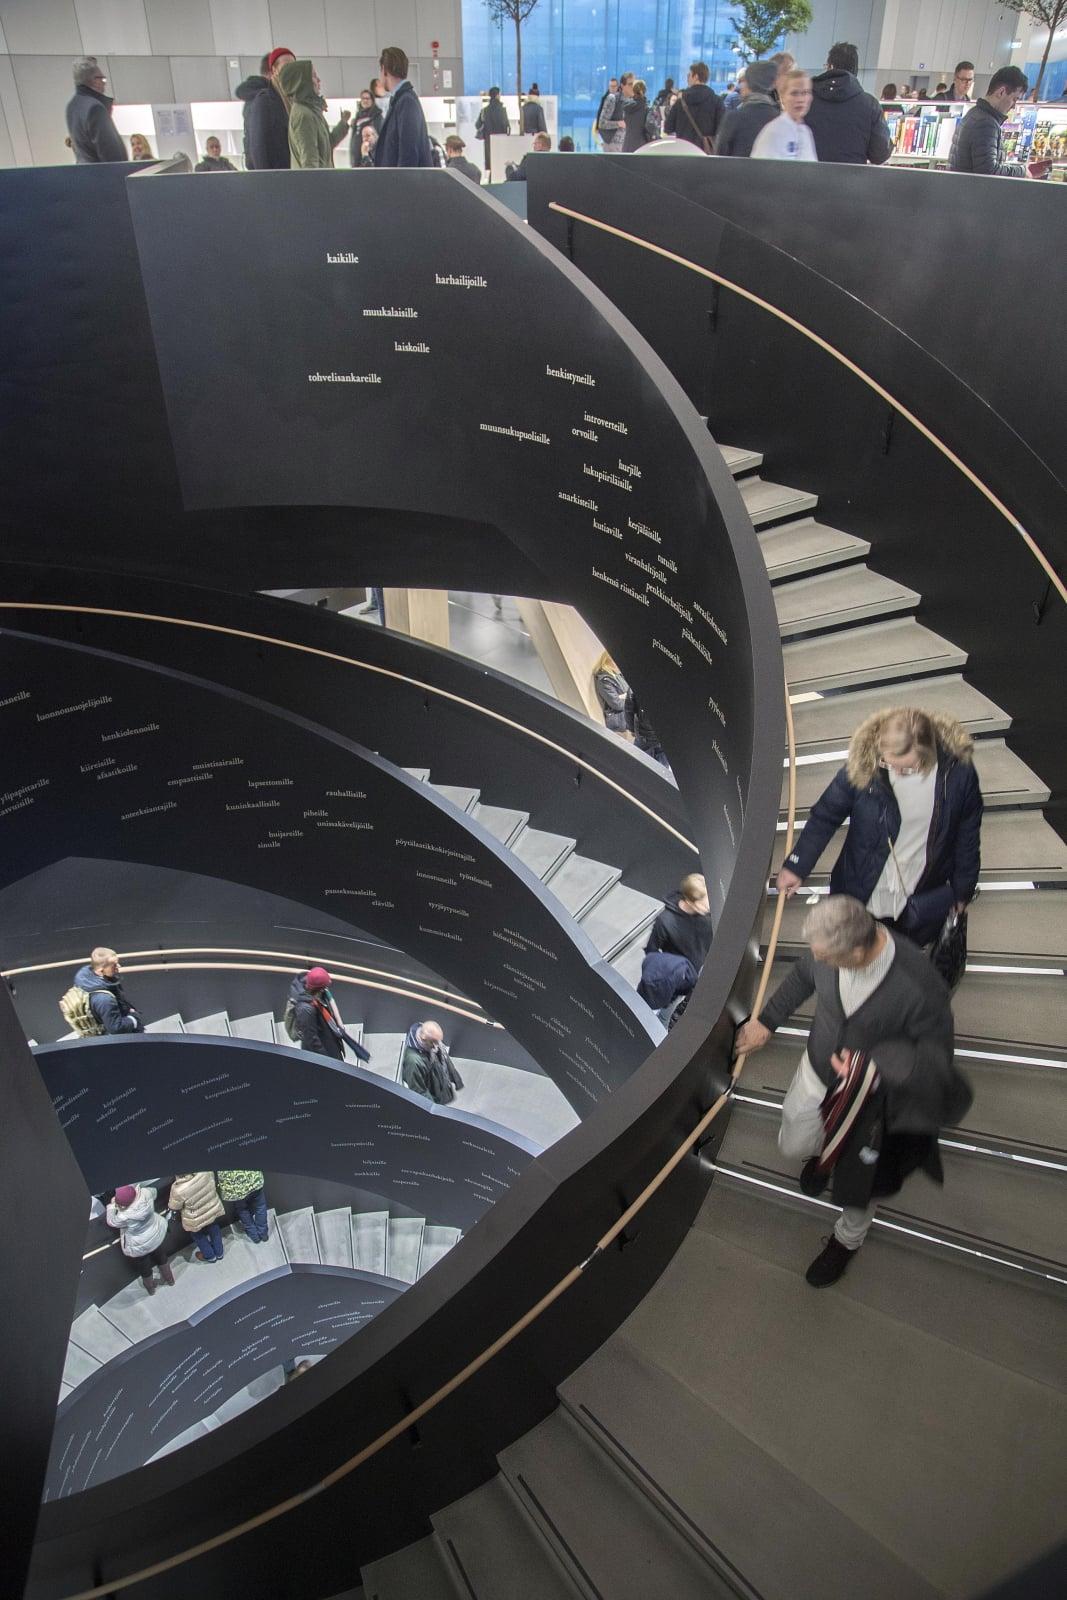 Schody Głównej Biblioteki w Helsinkach, Finlandia. Fot. PAP/EPA/MAURI RATILAINEN